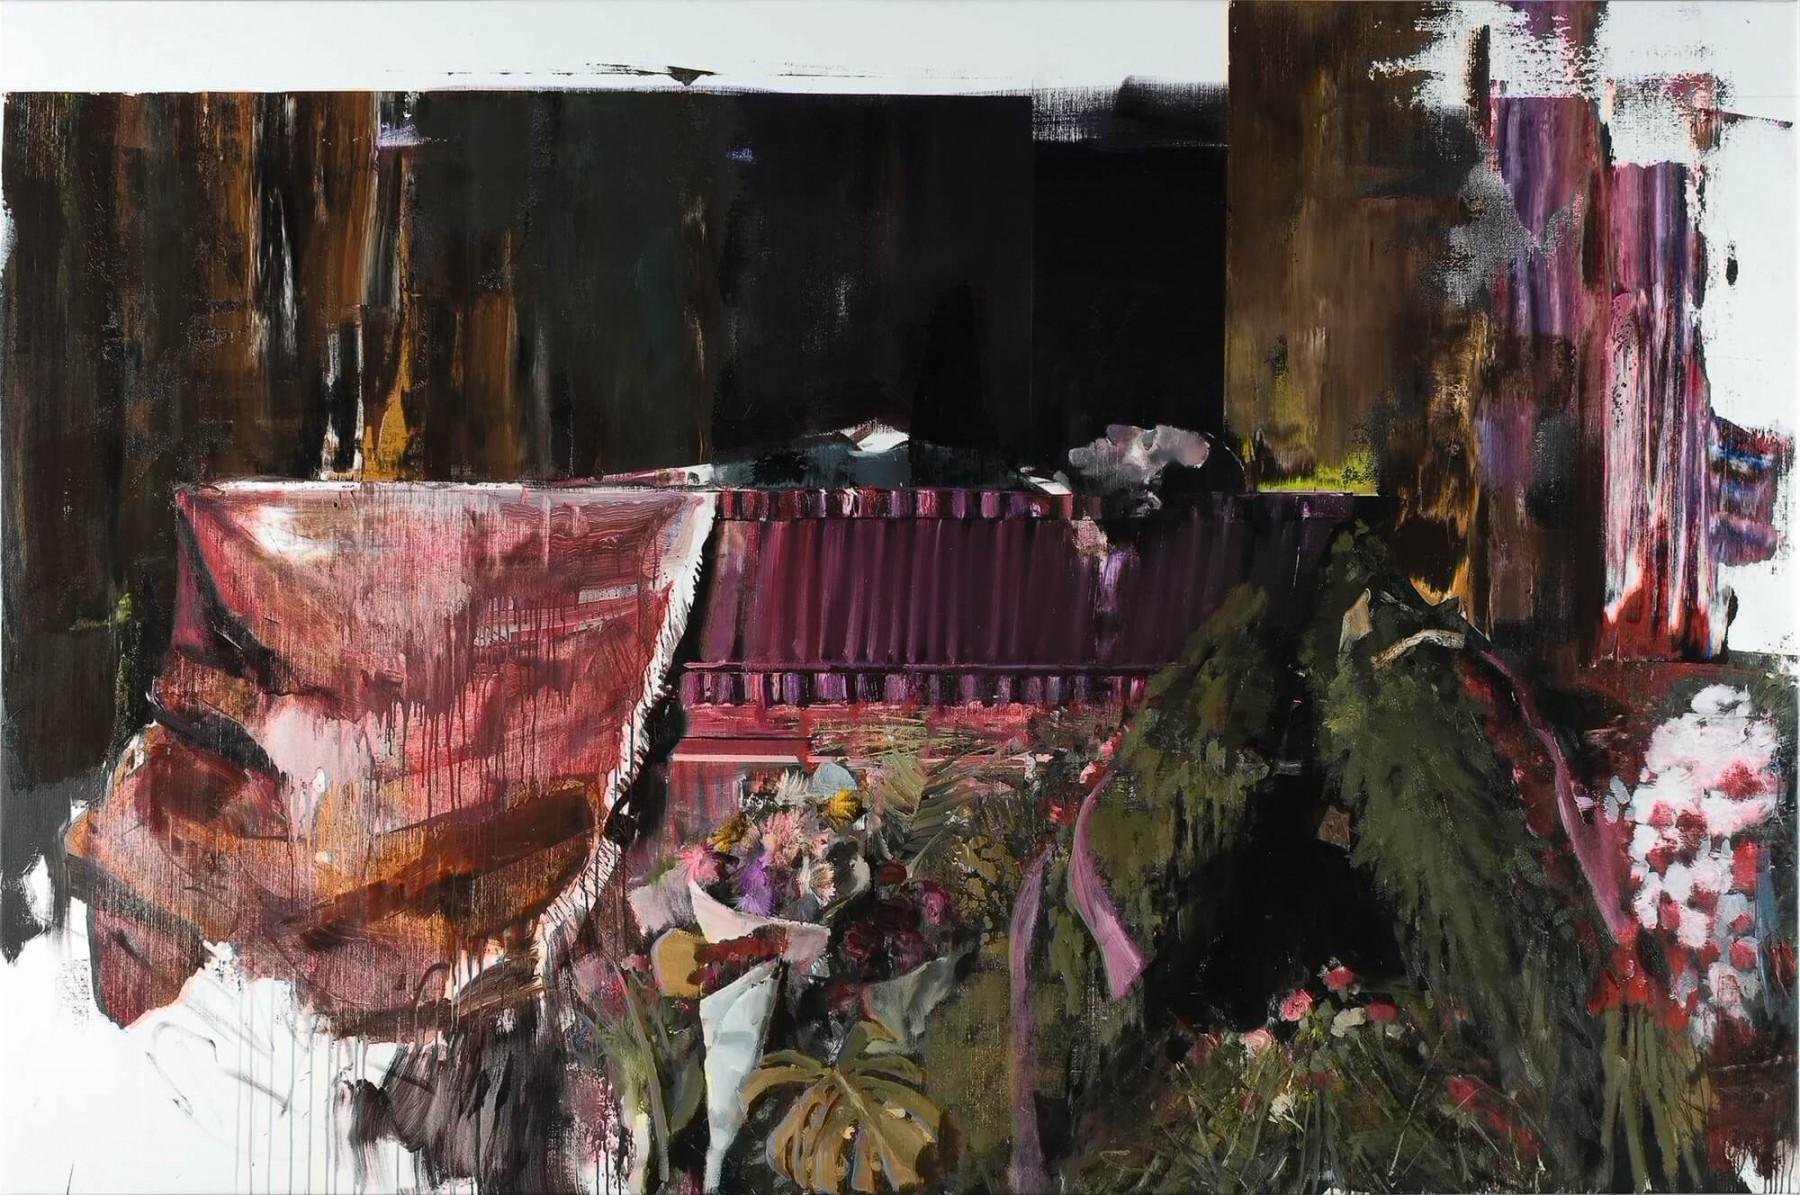 12-Adrian-Ghenie-Duchamps-Funeral-II-2009-1800x1195.jpg